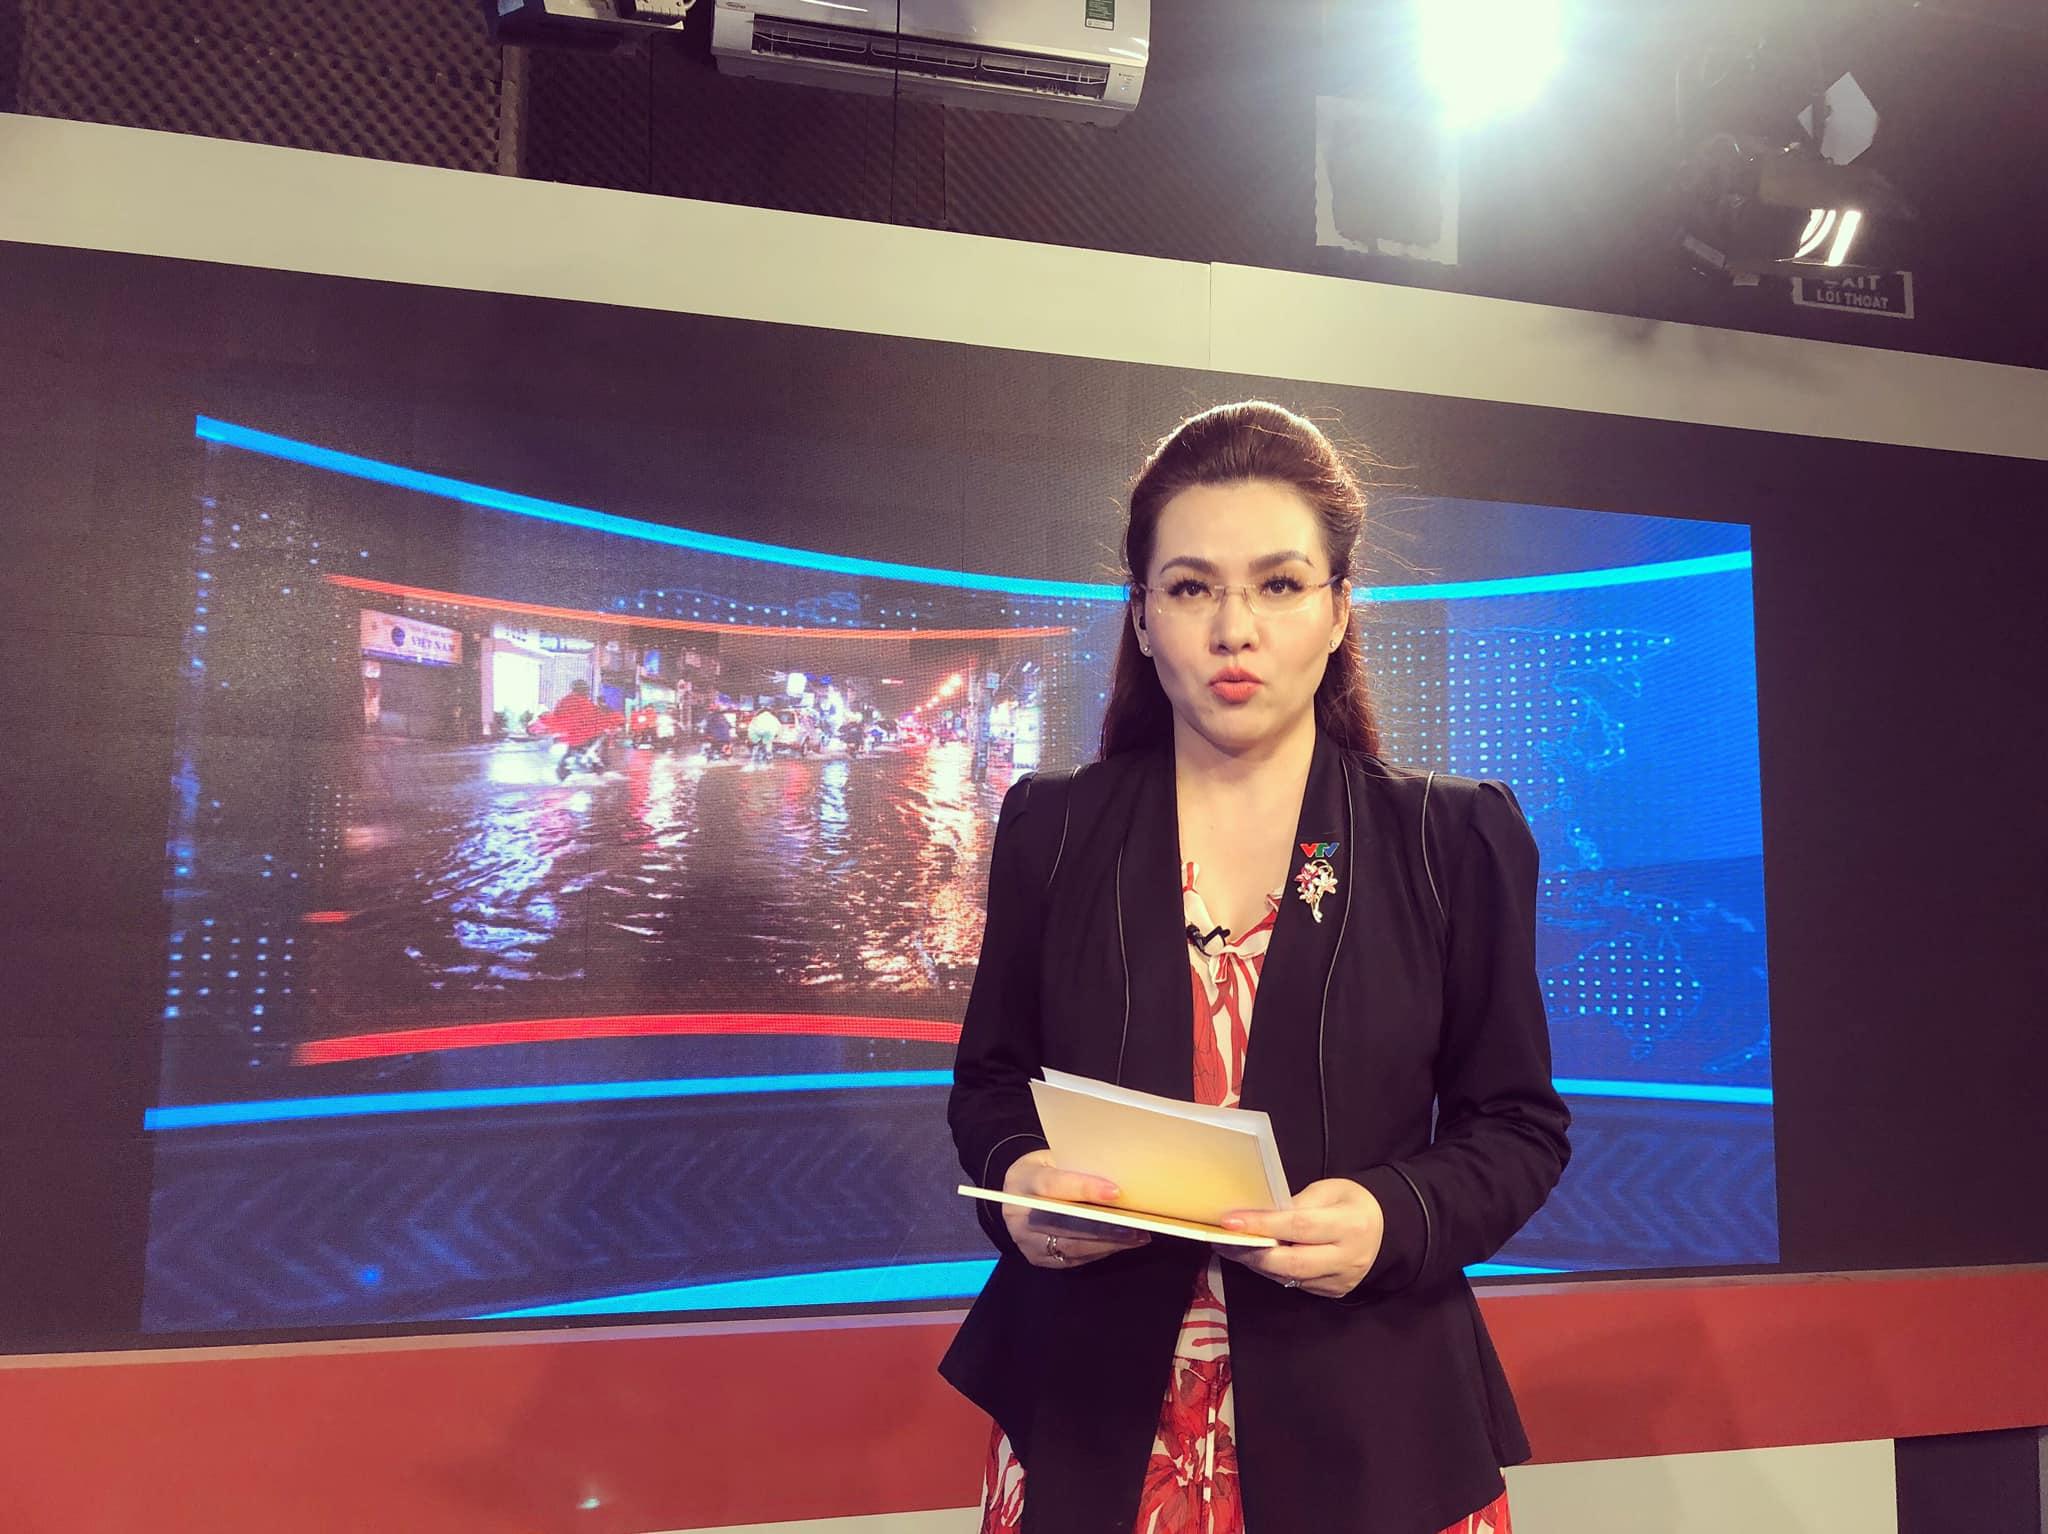 Nữ BTV xinh đẹp của VTV tiết lộ sự thật ngã ngửa trên sóng truyền hình - 1